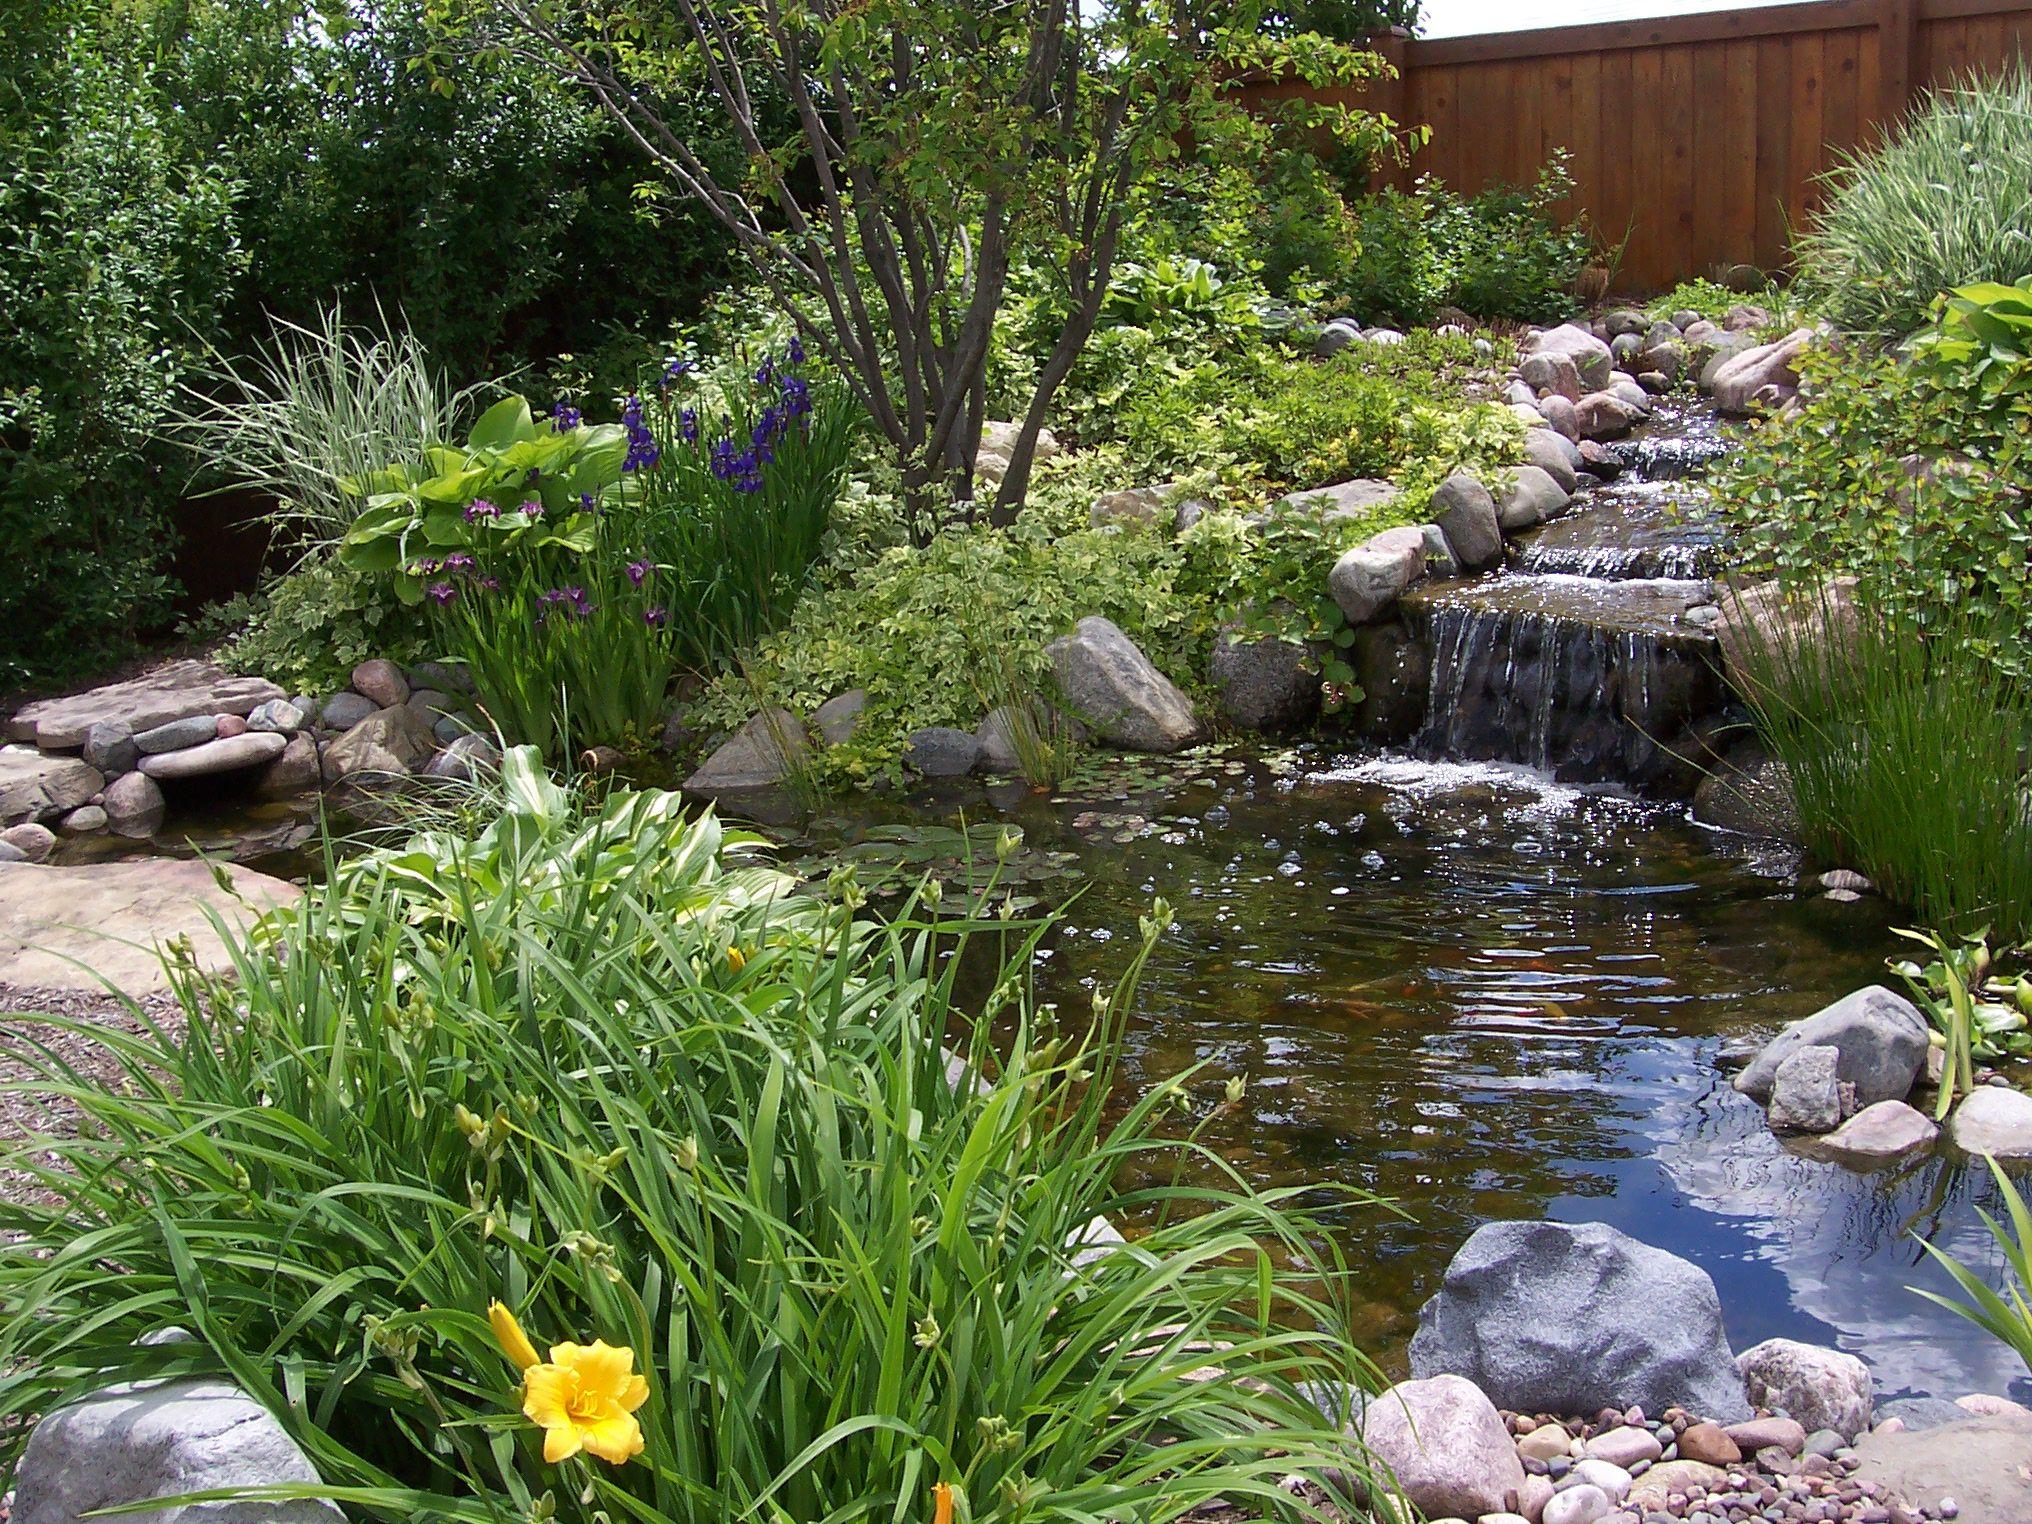 Exterior affordable pool spas amp backyard resorts for Landscape garden pond design